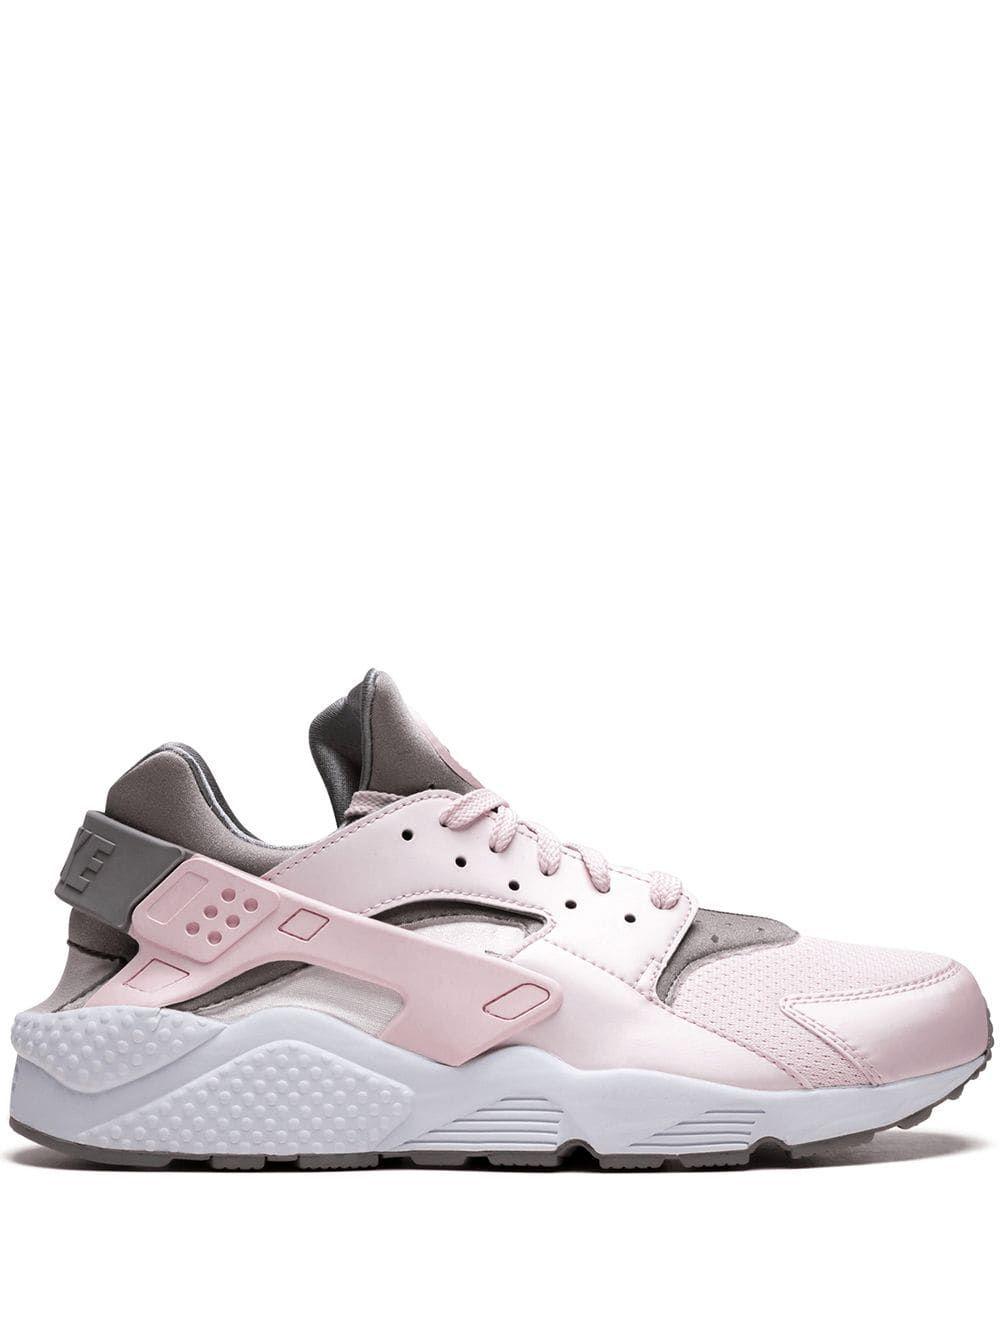 NIKE NIKE AIR HUARACHE SNEAKERS - PINK. #nike #shoes | Nike air ...